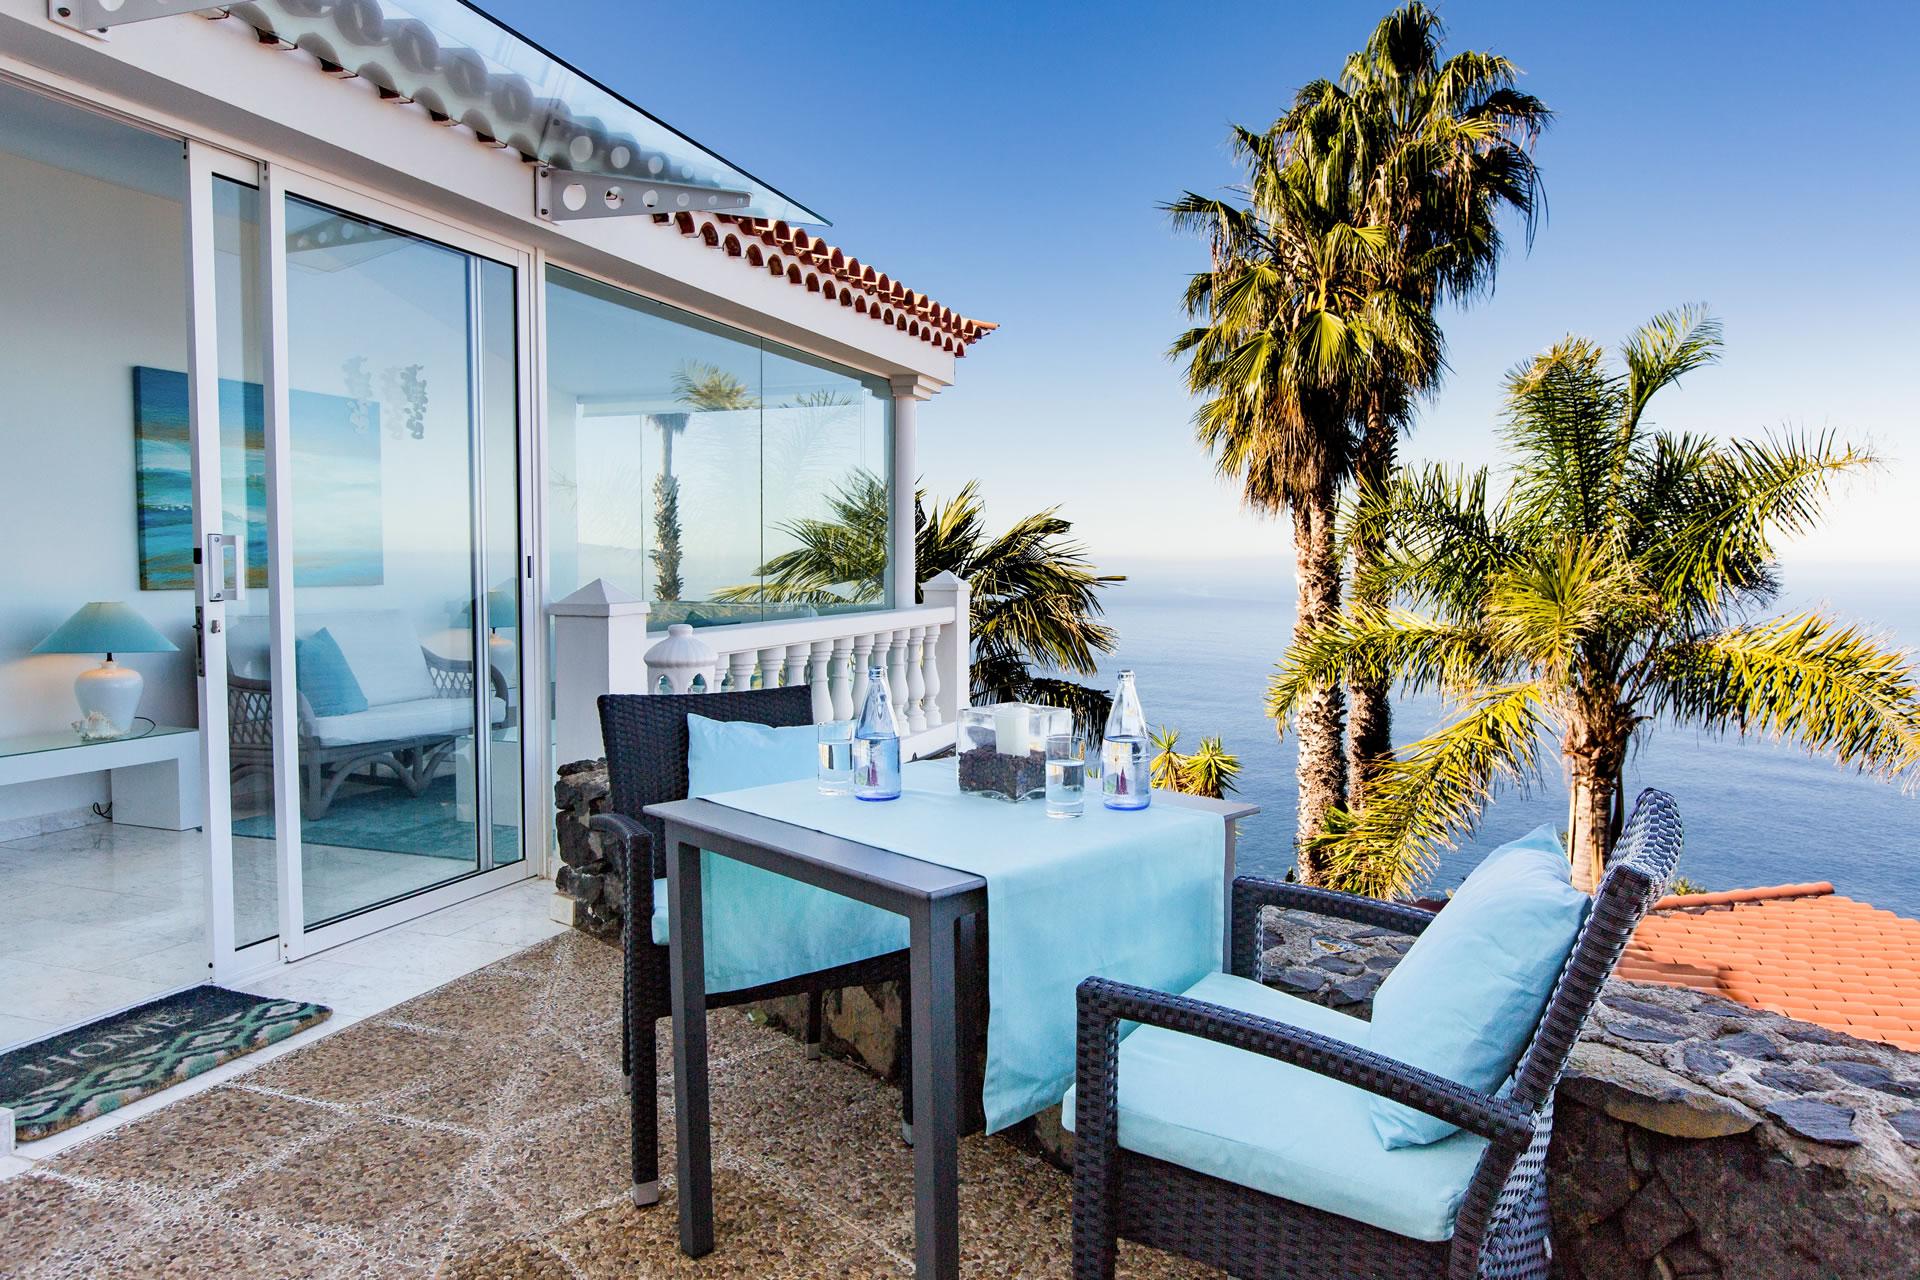 Casa Victoria at Jardin de la Paz: luxury studio with sea view